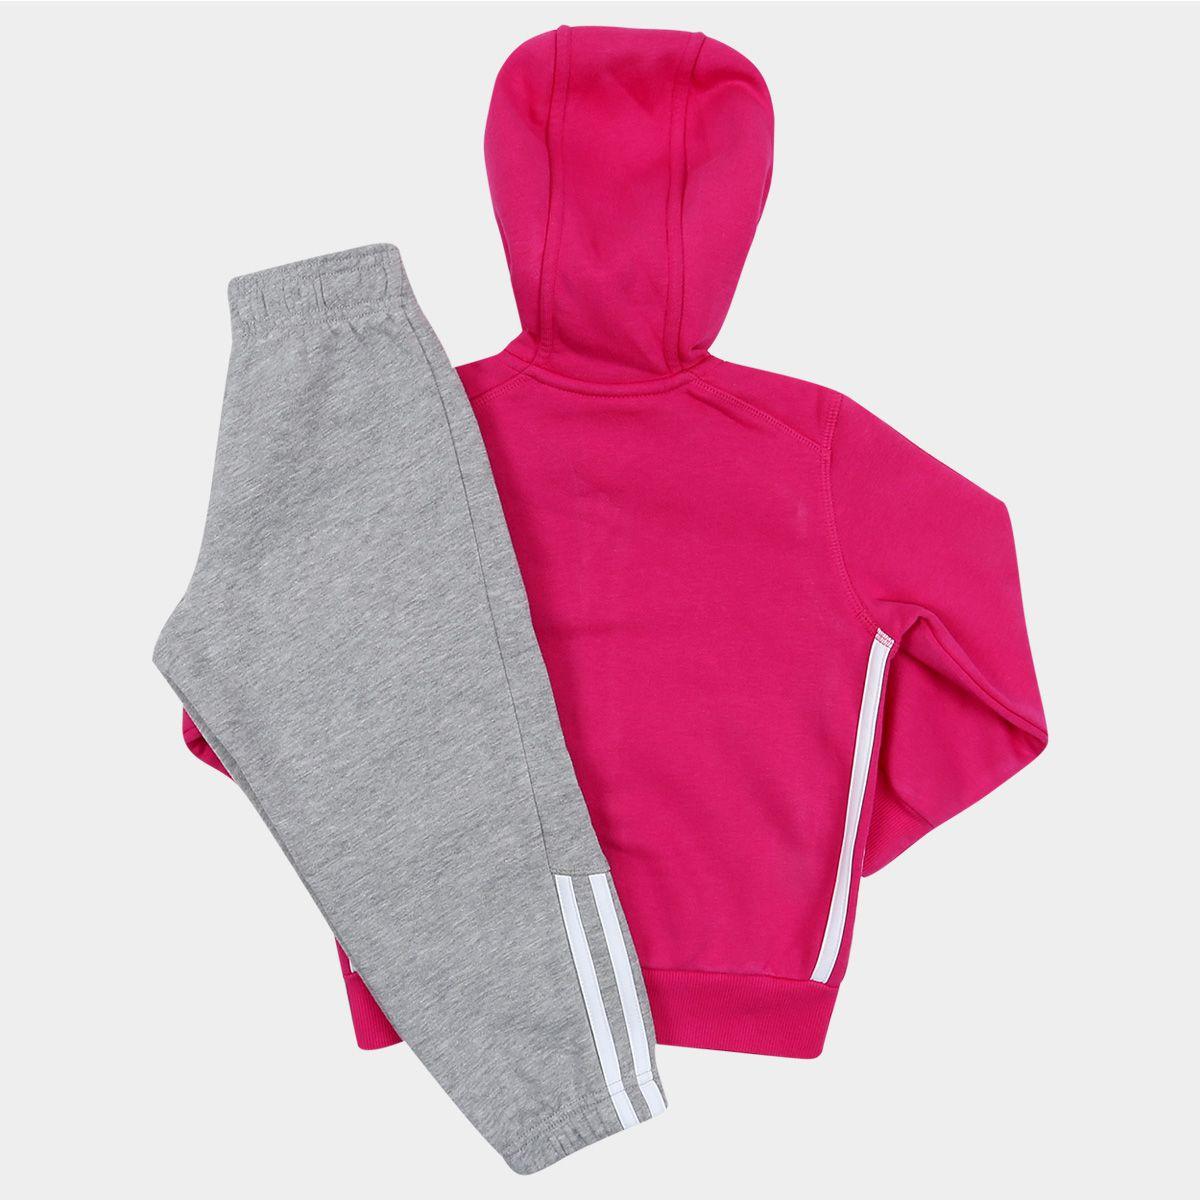 Agasalho Adidas Lk Ess Hojo TS Infantil